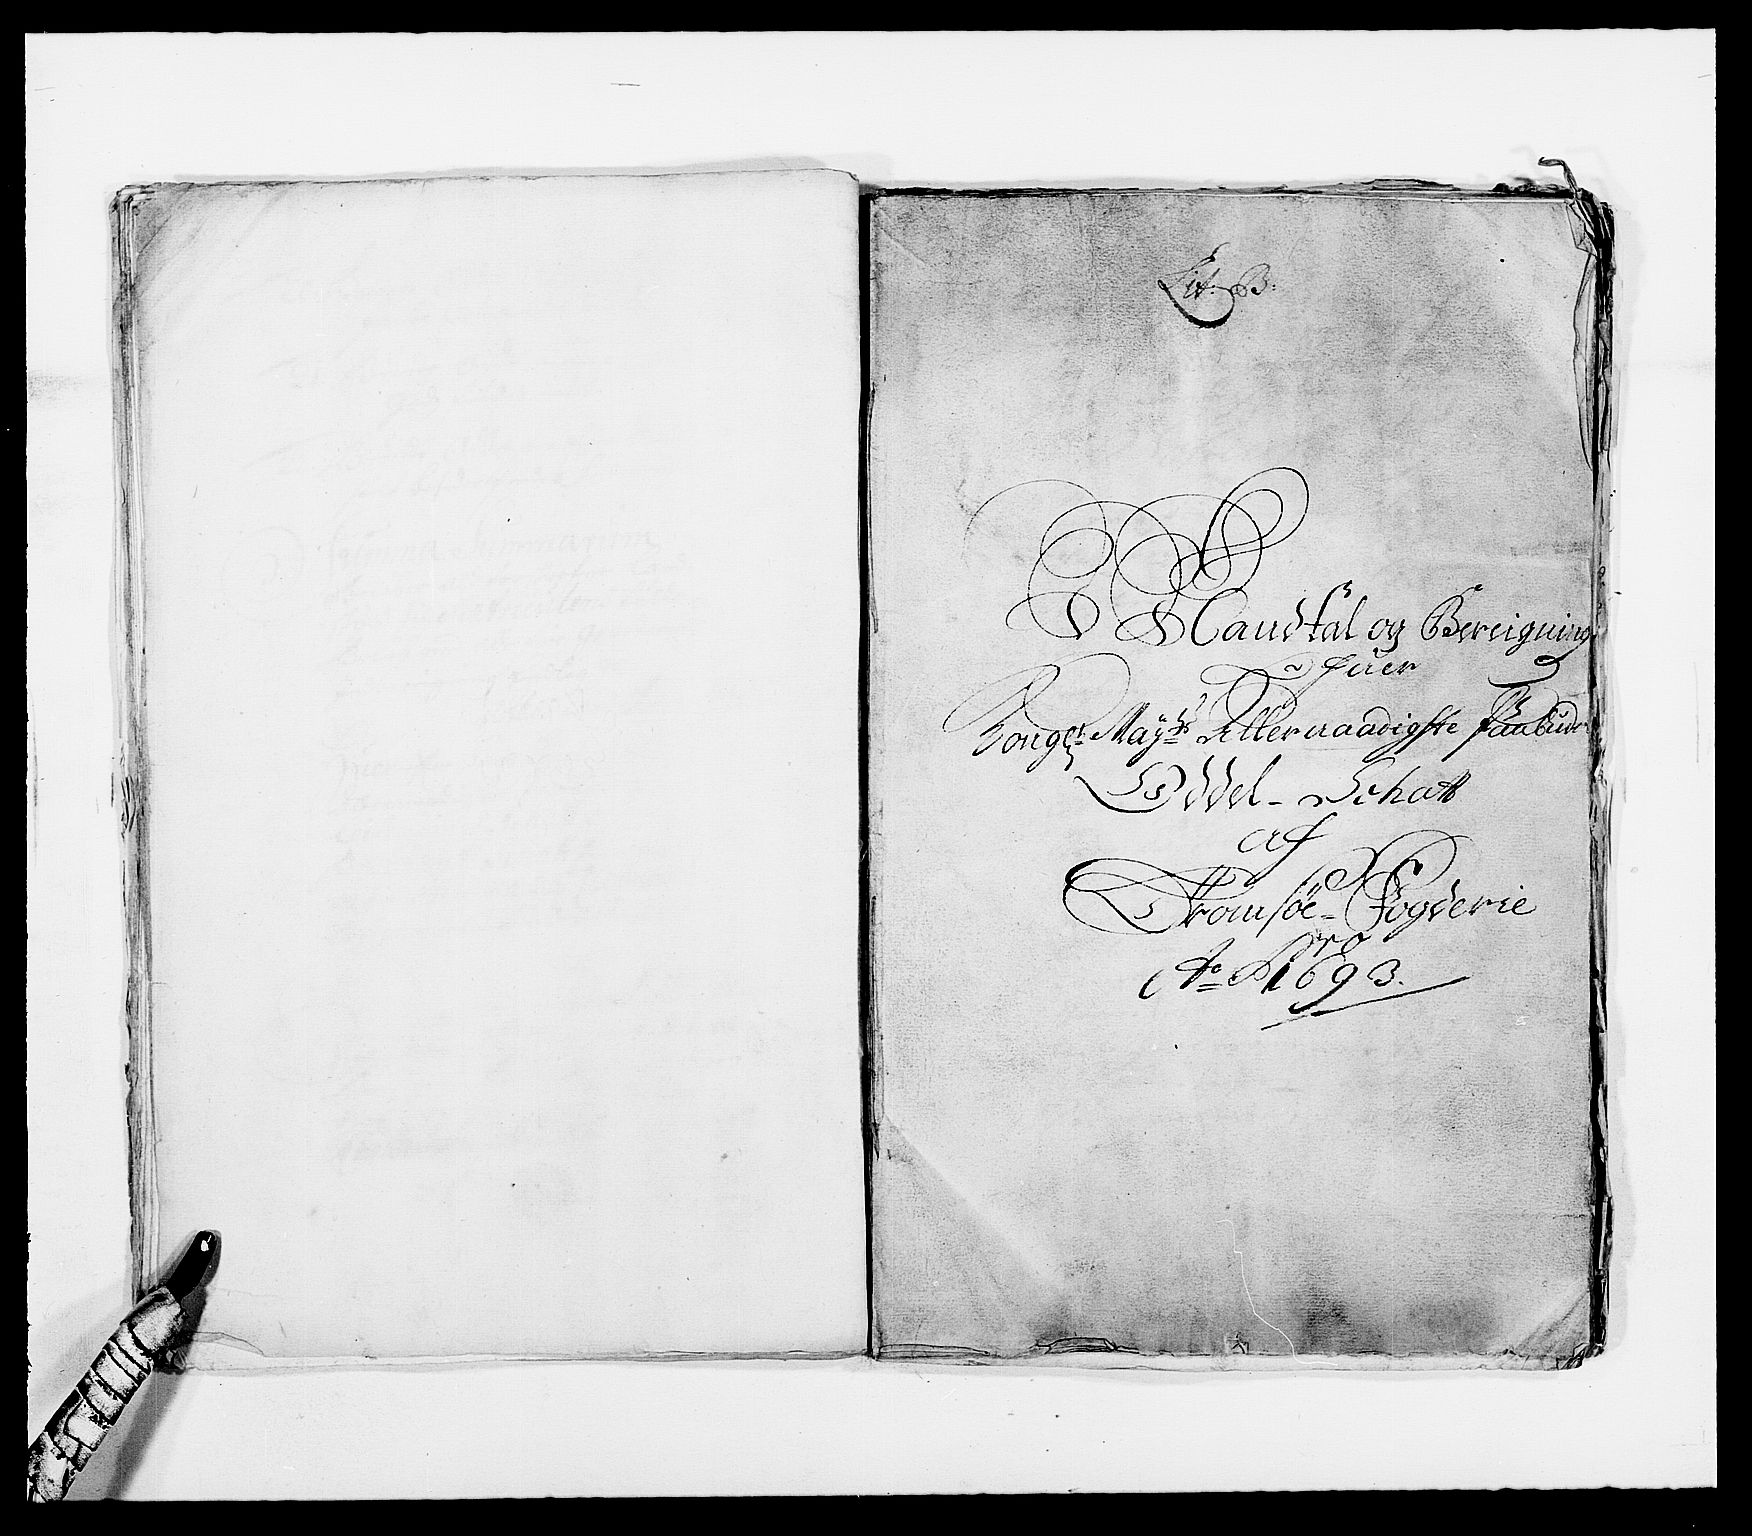 RA, Rentekammeret inntil 1814, Reviderte regnskaper, Fogderegnskap, R68/L4751: Fogderegnskap Senja og Troms, 1690-1693, s. 300